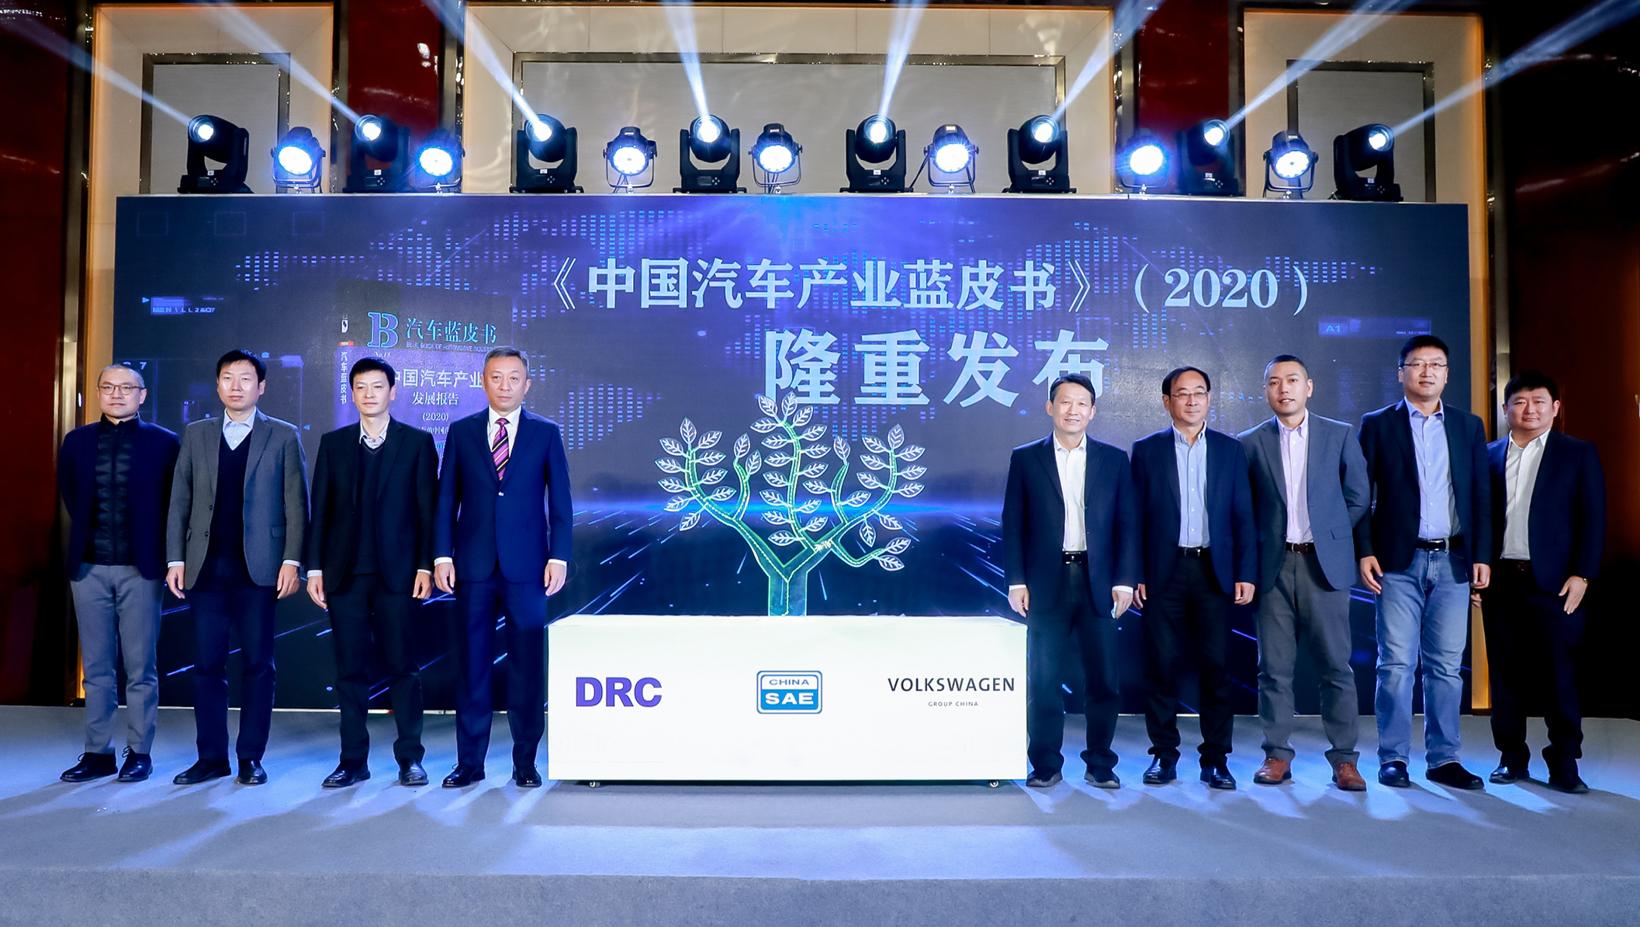 聚焦汽车产业低碳发展道路 共塑可持续发展未来 《中国汽车产业发展报告(2020)》正式发布